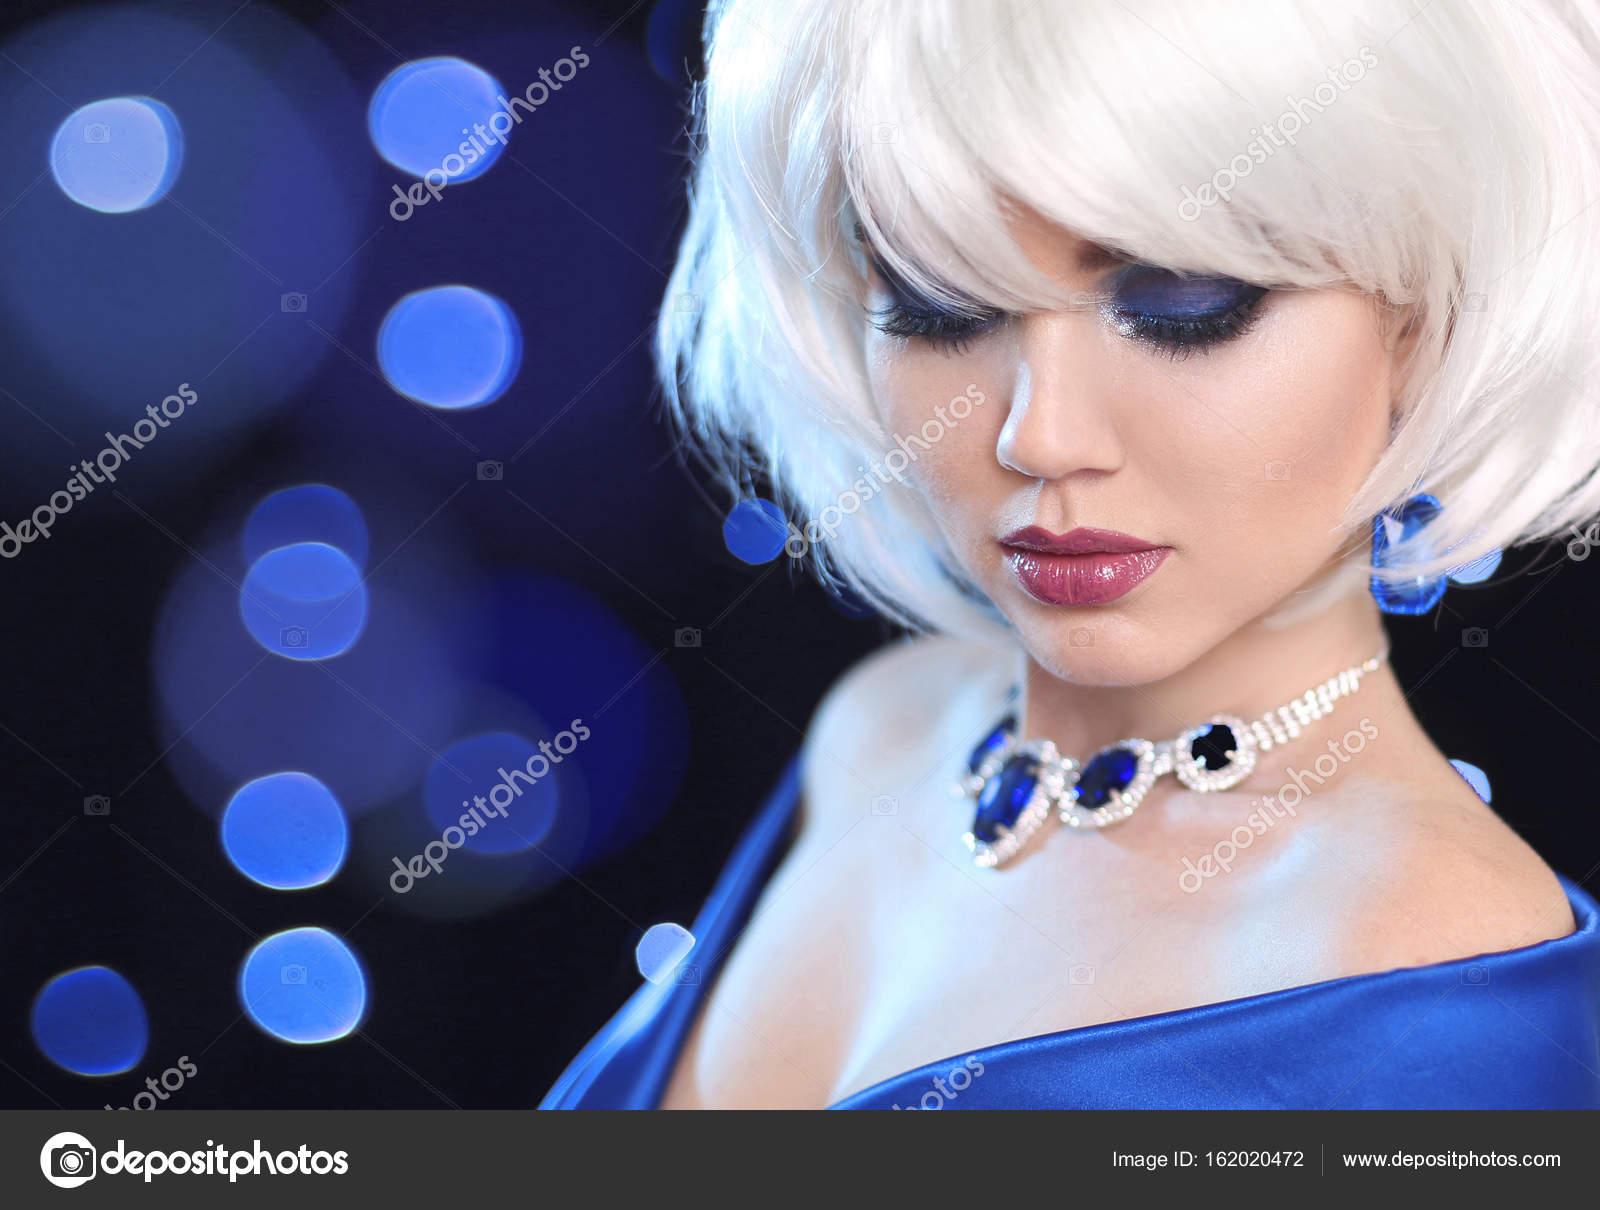 5a05b2329 Moda ragazza Bob biondo. Bianco capelli corti. Trucco di bellezza della  donna del ritratto. Pendente delle gemme gioielli. Viso da vicino.